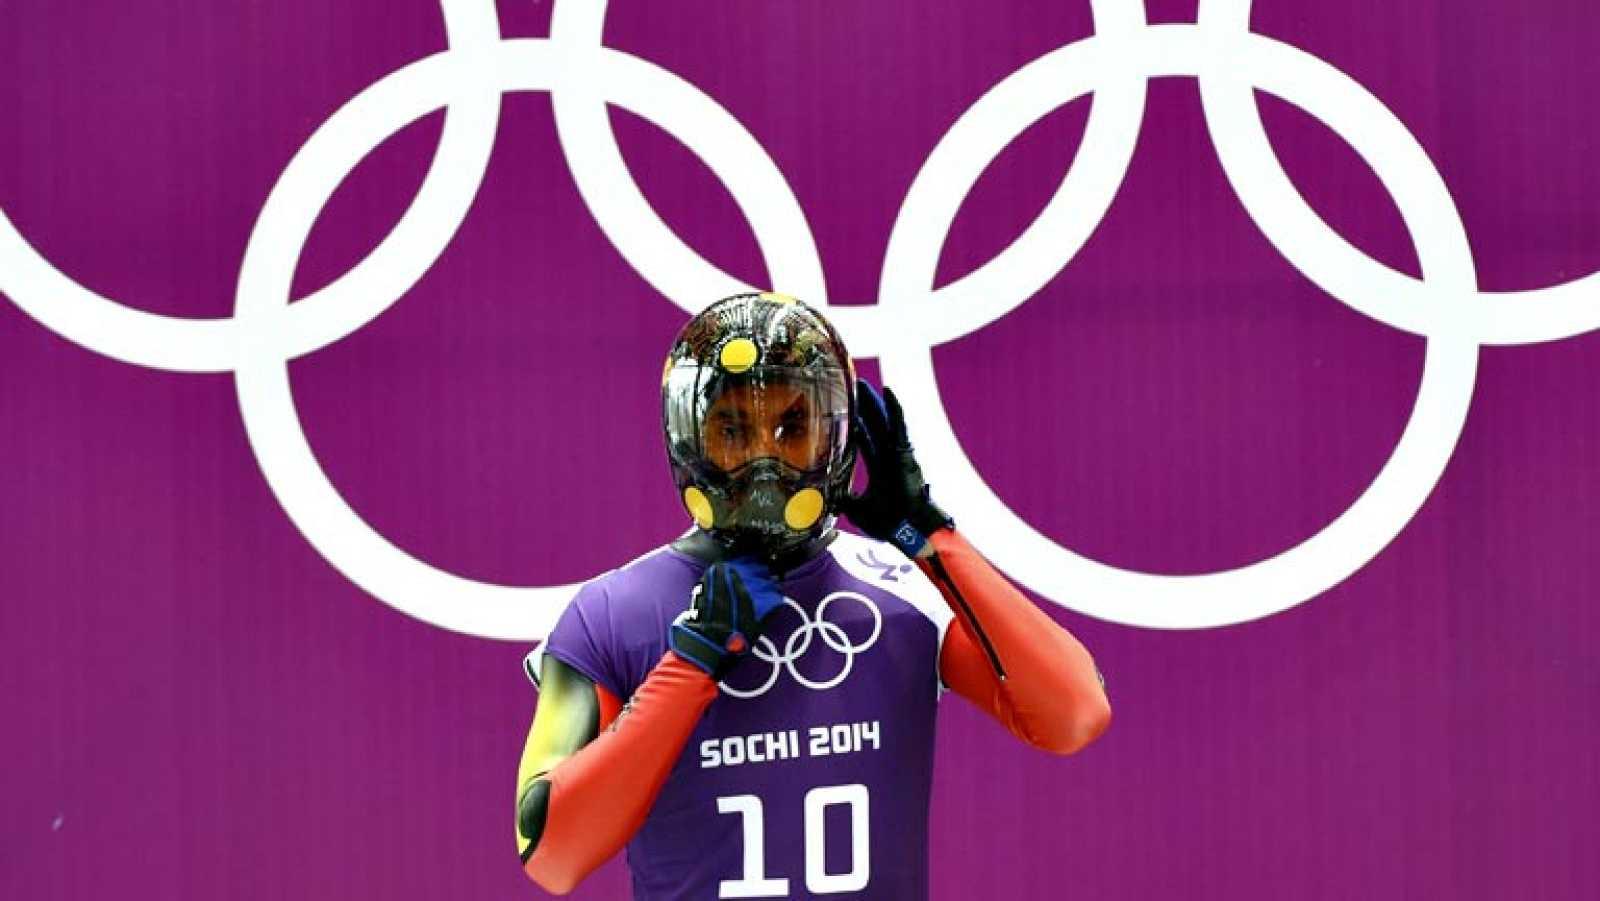 Ander Mirambell piensa ya en los próximos Juegos Olímpicos - RTVE.es